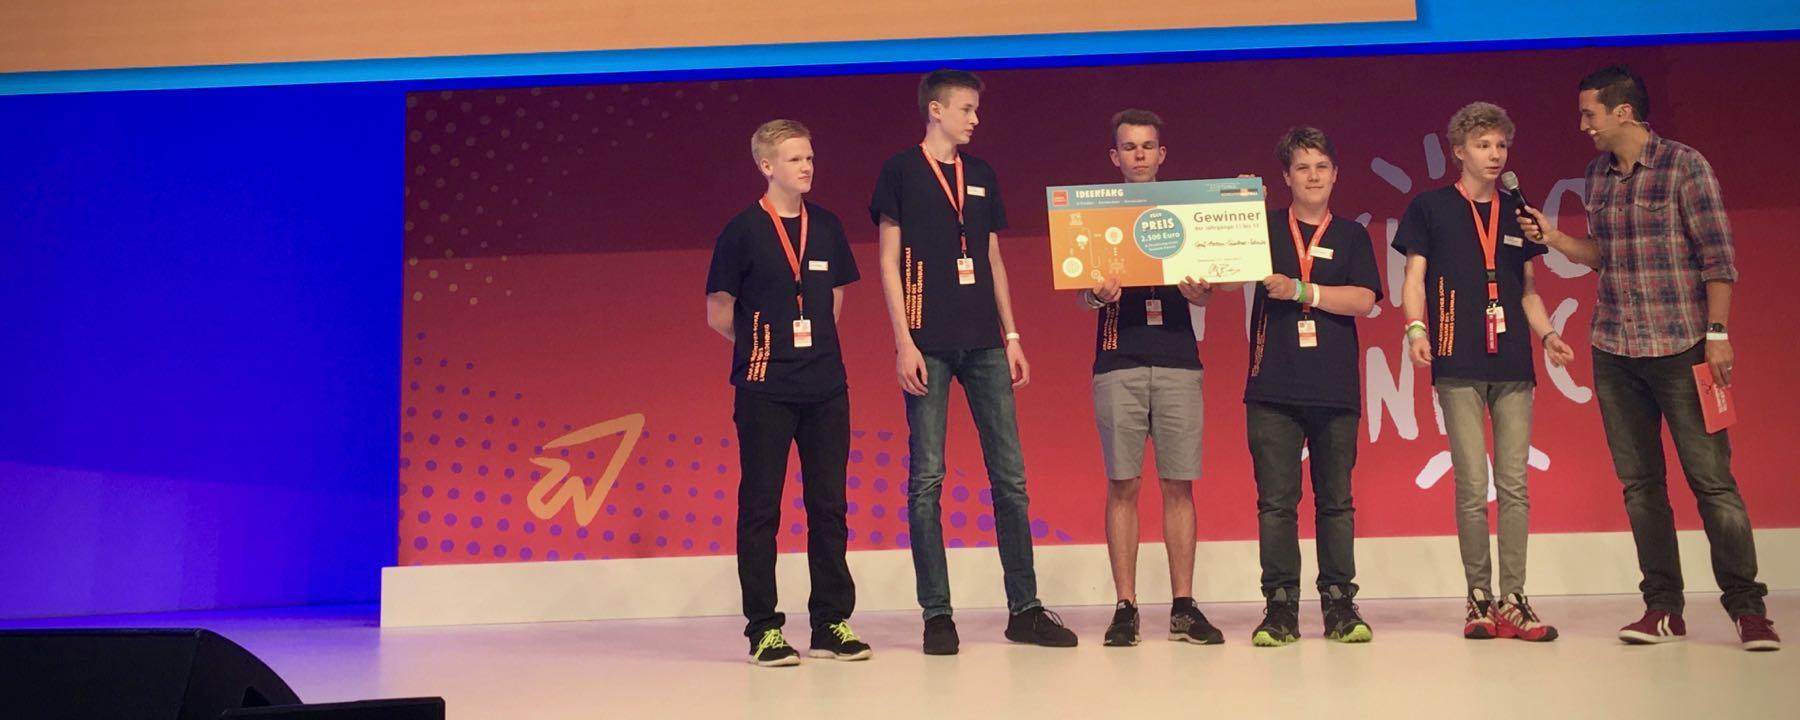 2017 08 10 GAG Schüler Gewinnen Ideenfang Wettbewerb – 1 Von 4